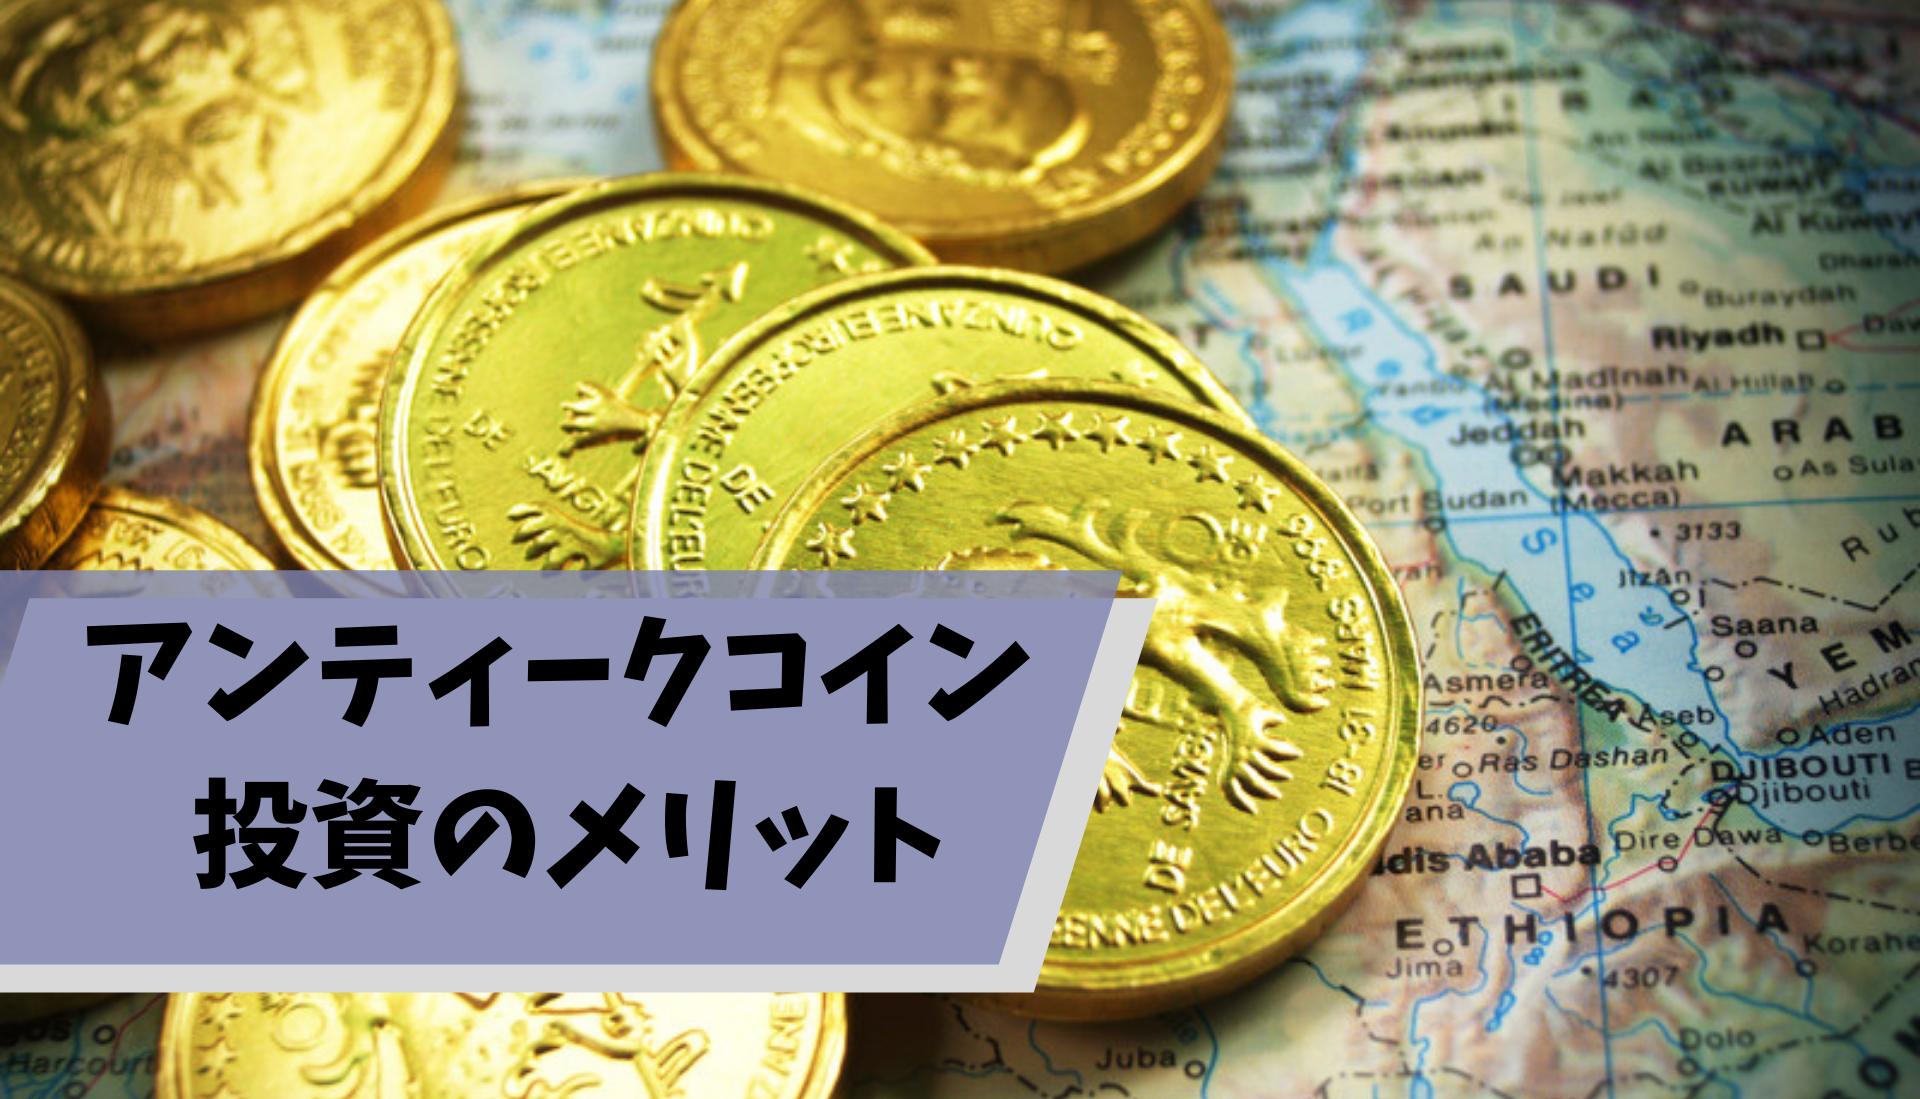 アンティークコイン 投資_デメリット_メリット